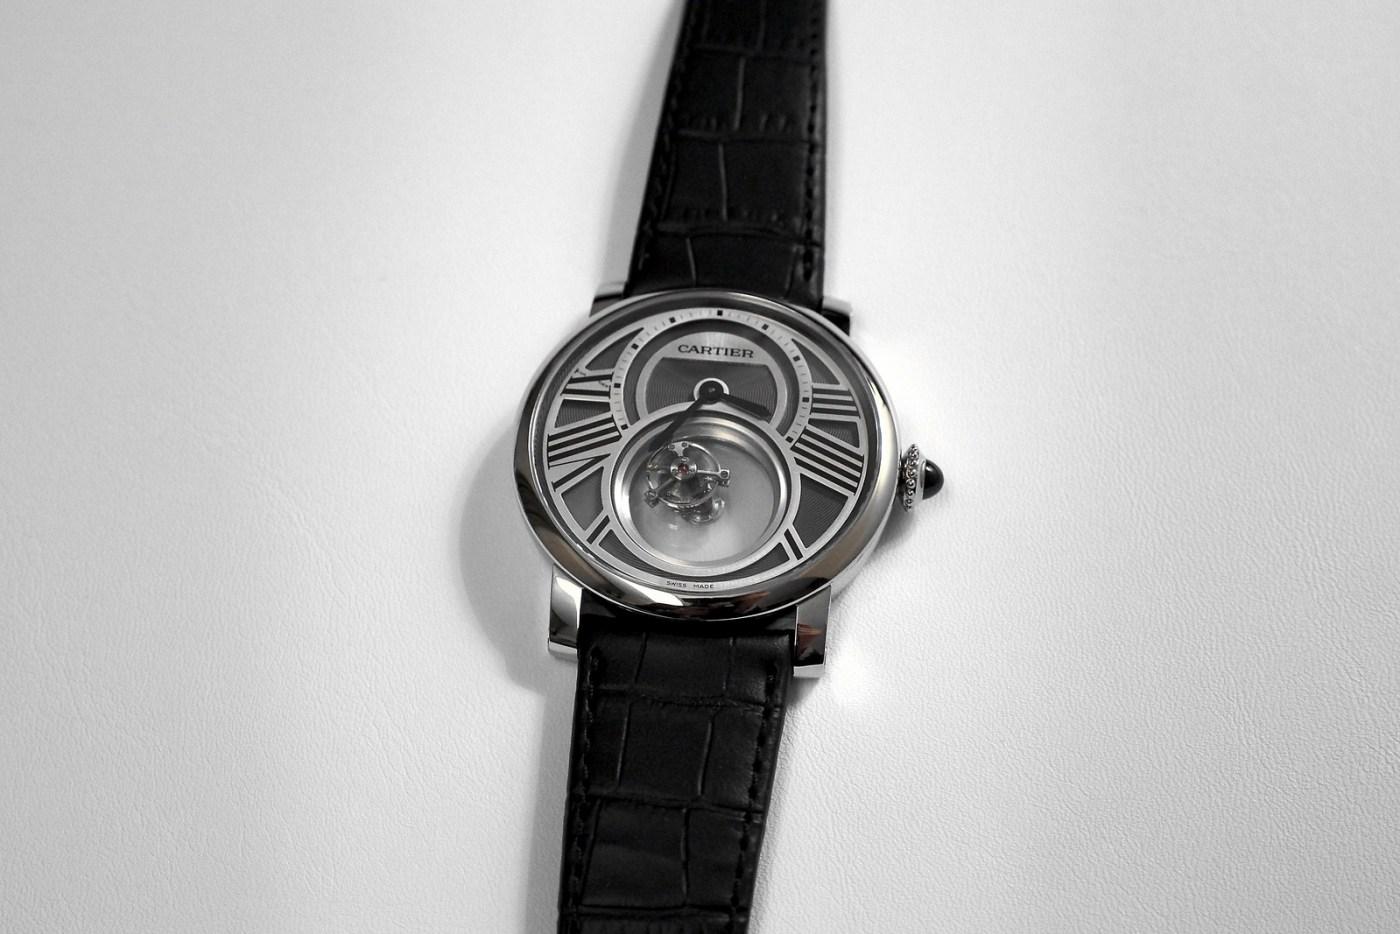 Cartier Mysterious watch